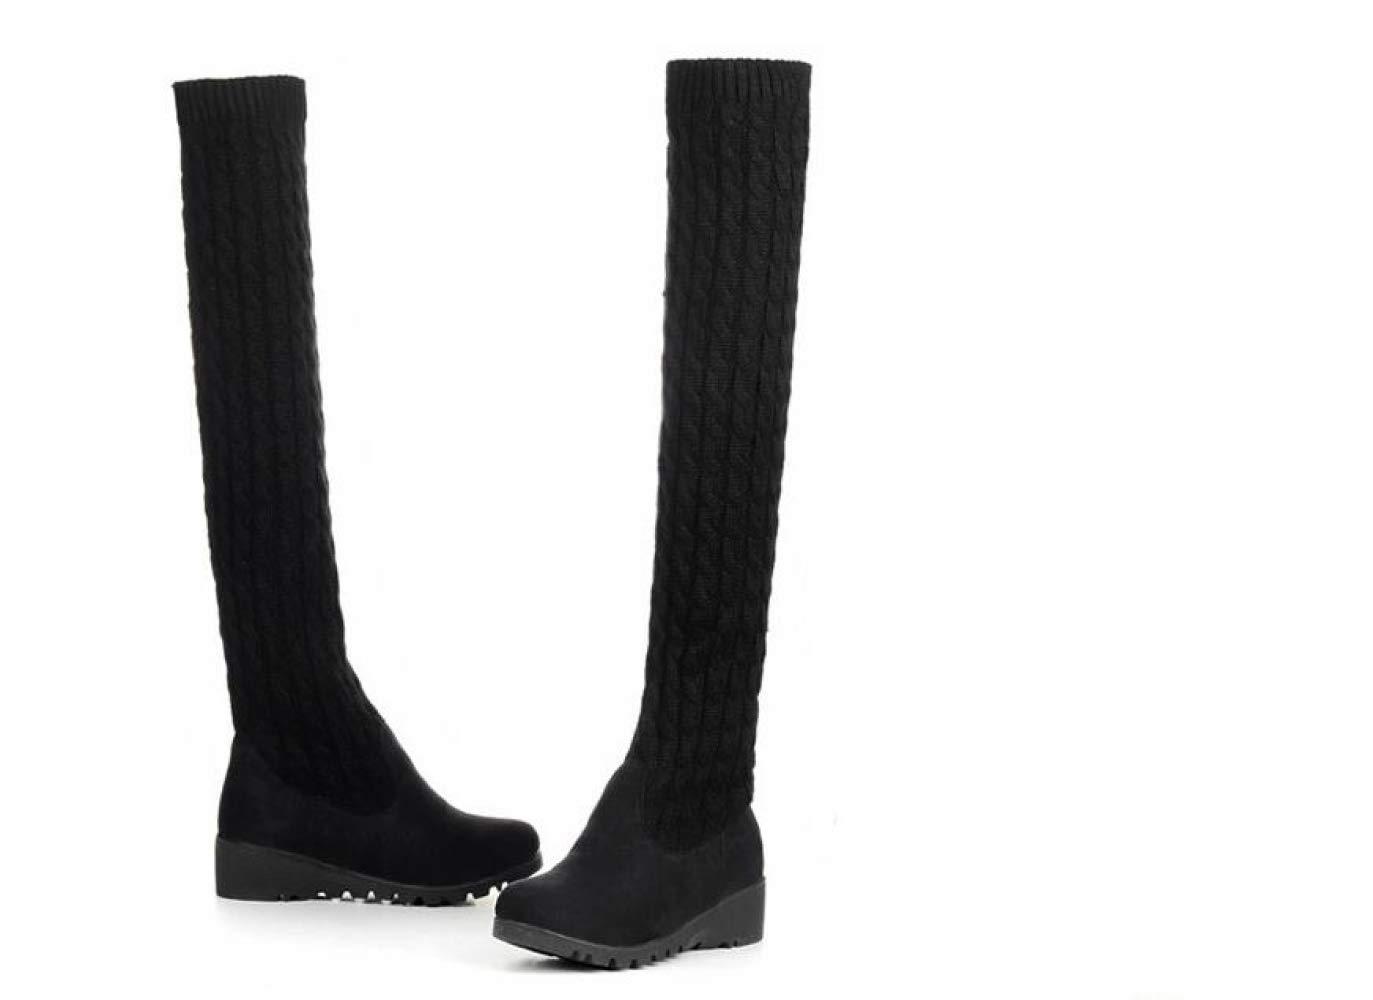 Frauen Stiefel Herbst Und Winter Winter Winter Niedrige Ferse Lange Stiefel Stricken Hohe Beinstiefel Warme Stiefel Über Die Knie Mode Warme Damenschuhe 841504